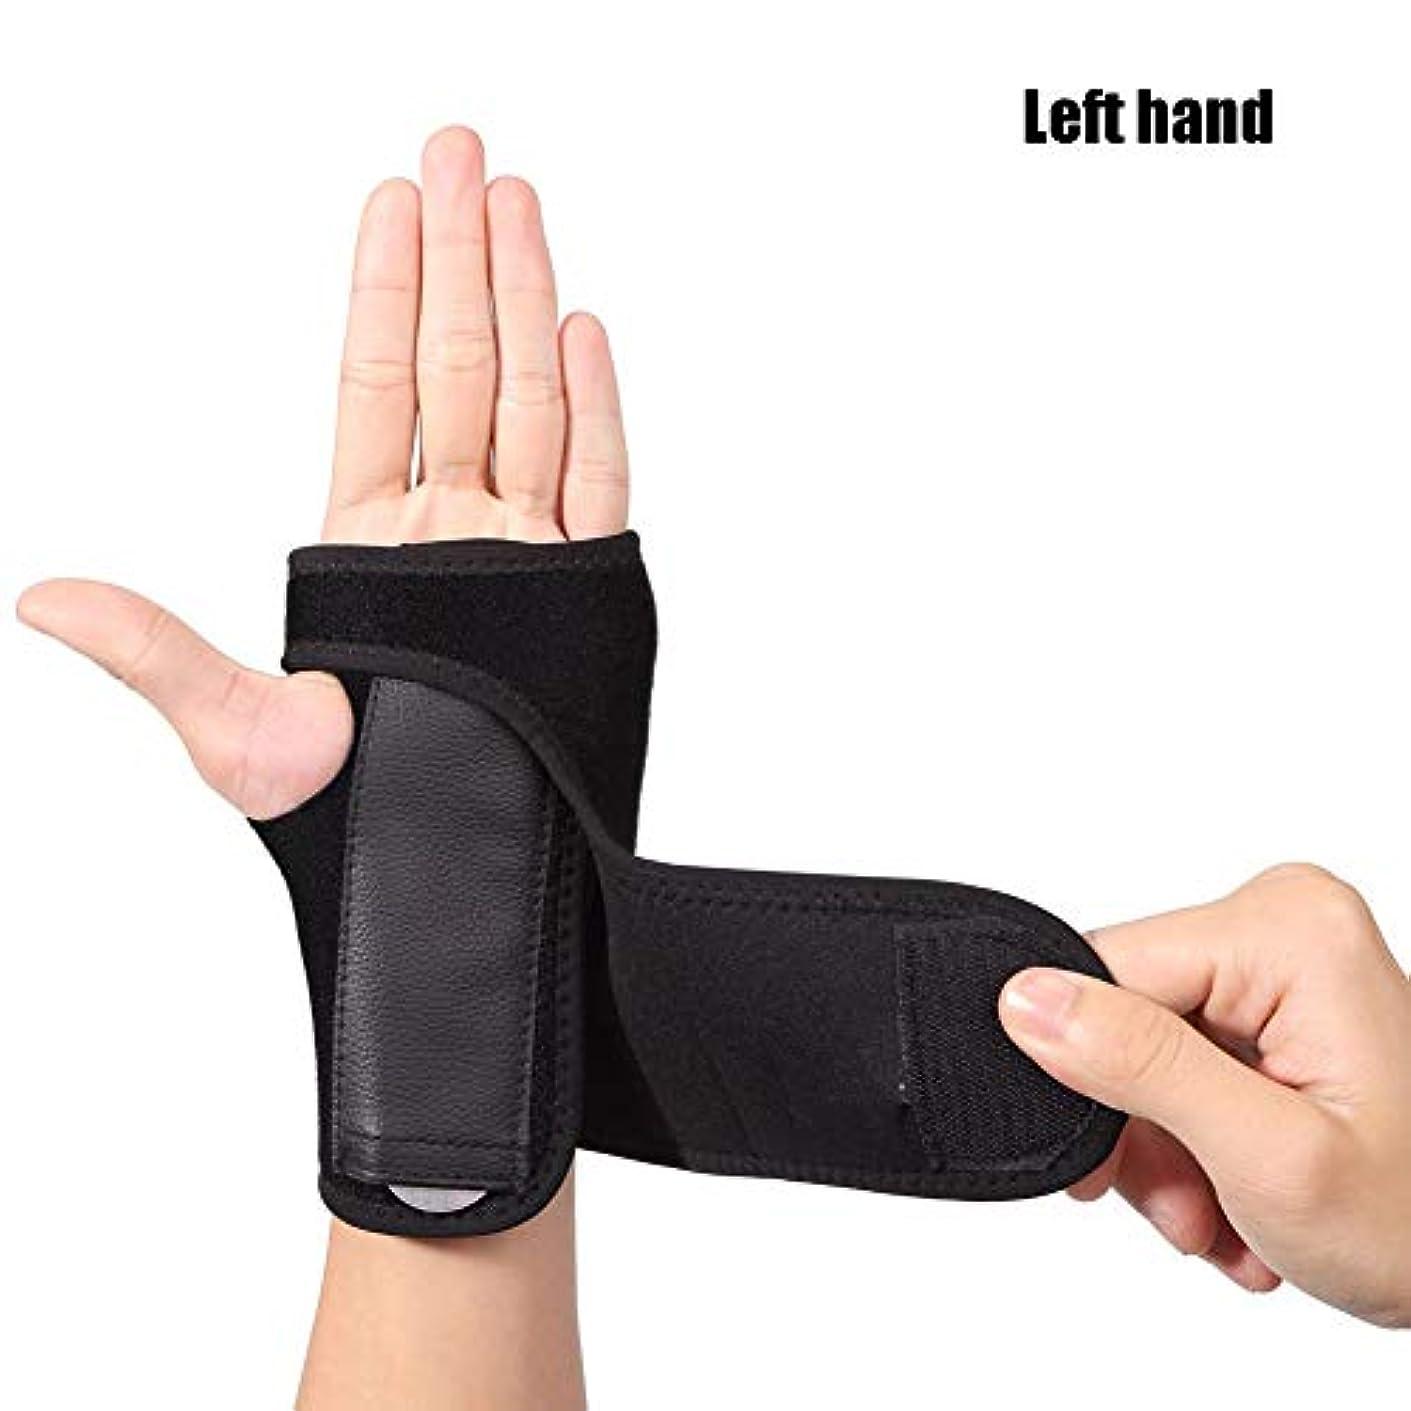 悩みアクチュエータお母さん手根管腱炎骨折関節炎の捻forのための手首のサポートスプリント,Left